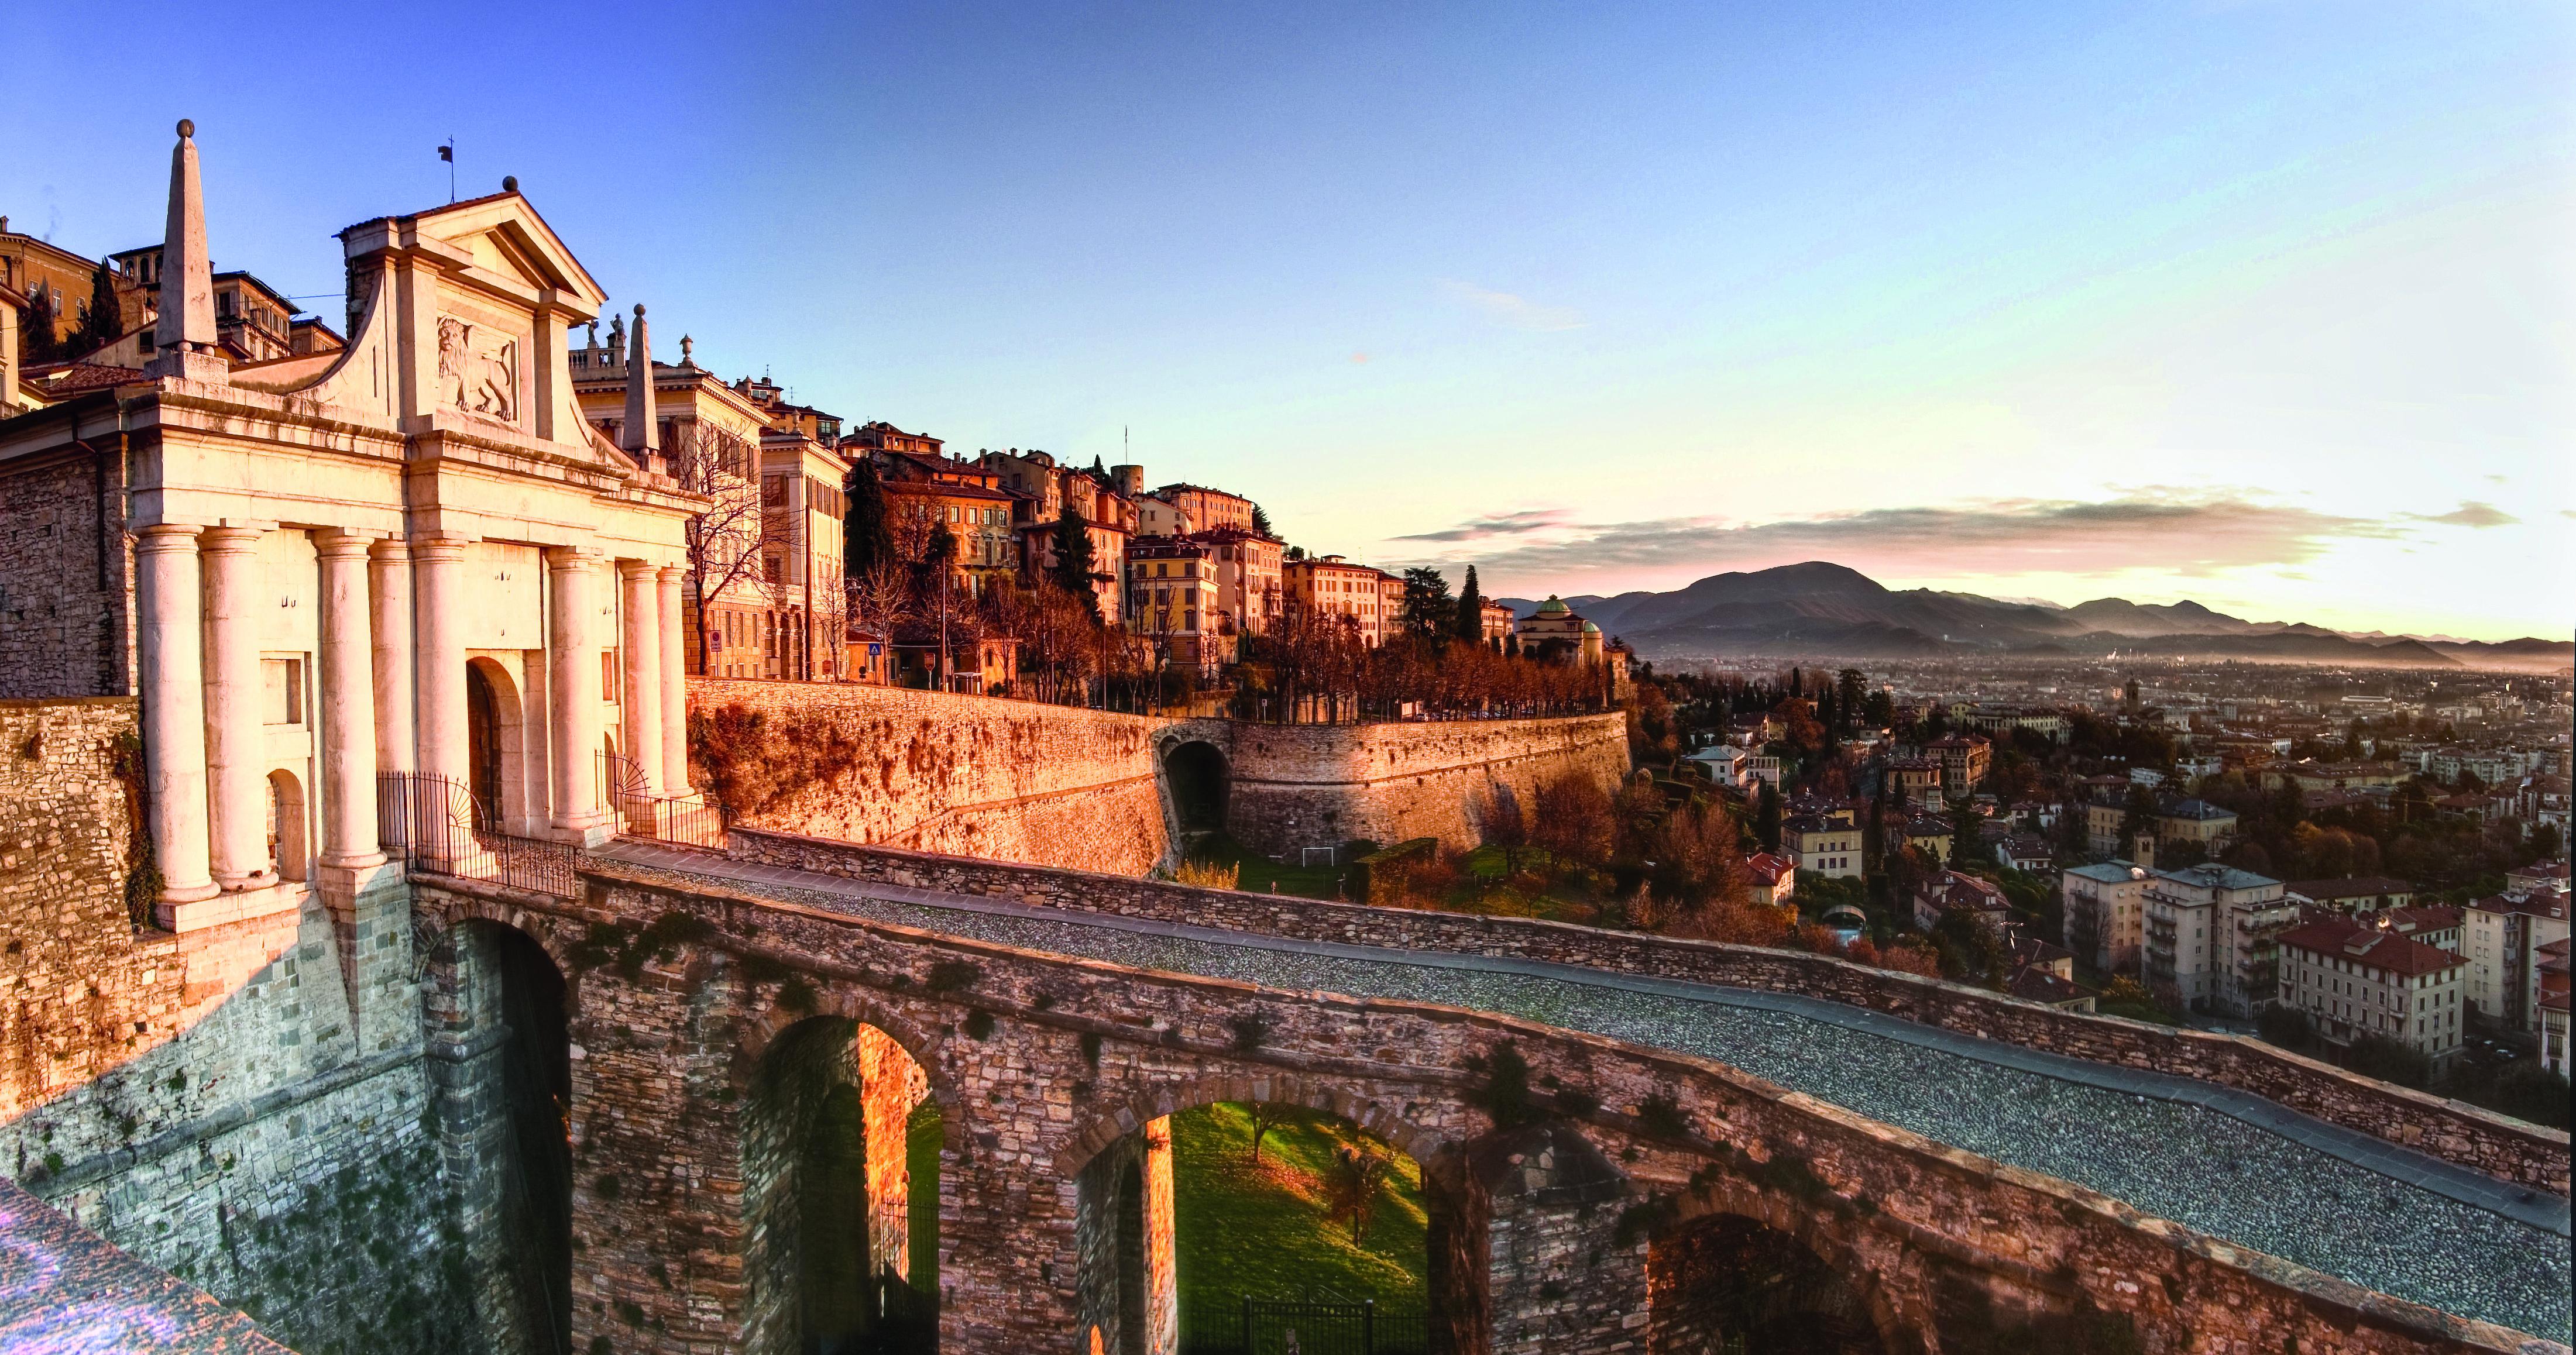 8 giugno a Bergamo 5a tappa di inLombard1a